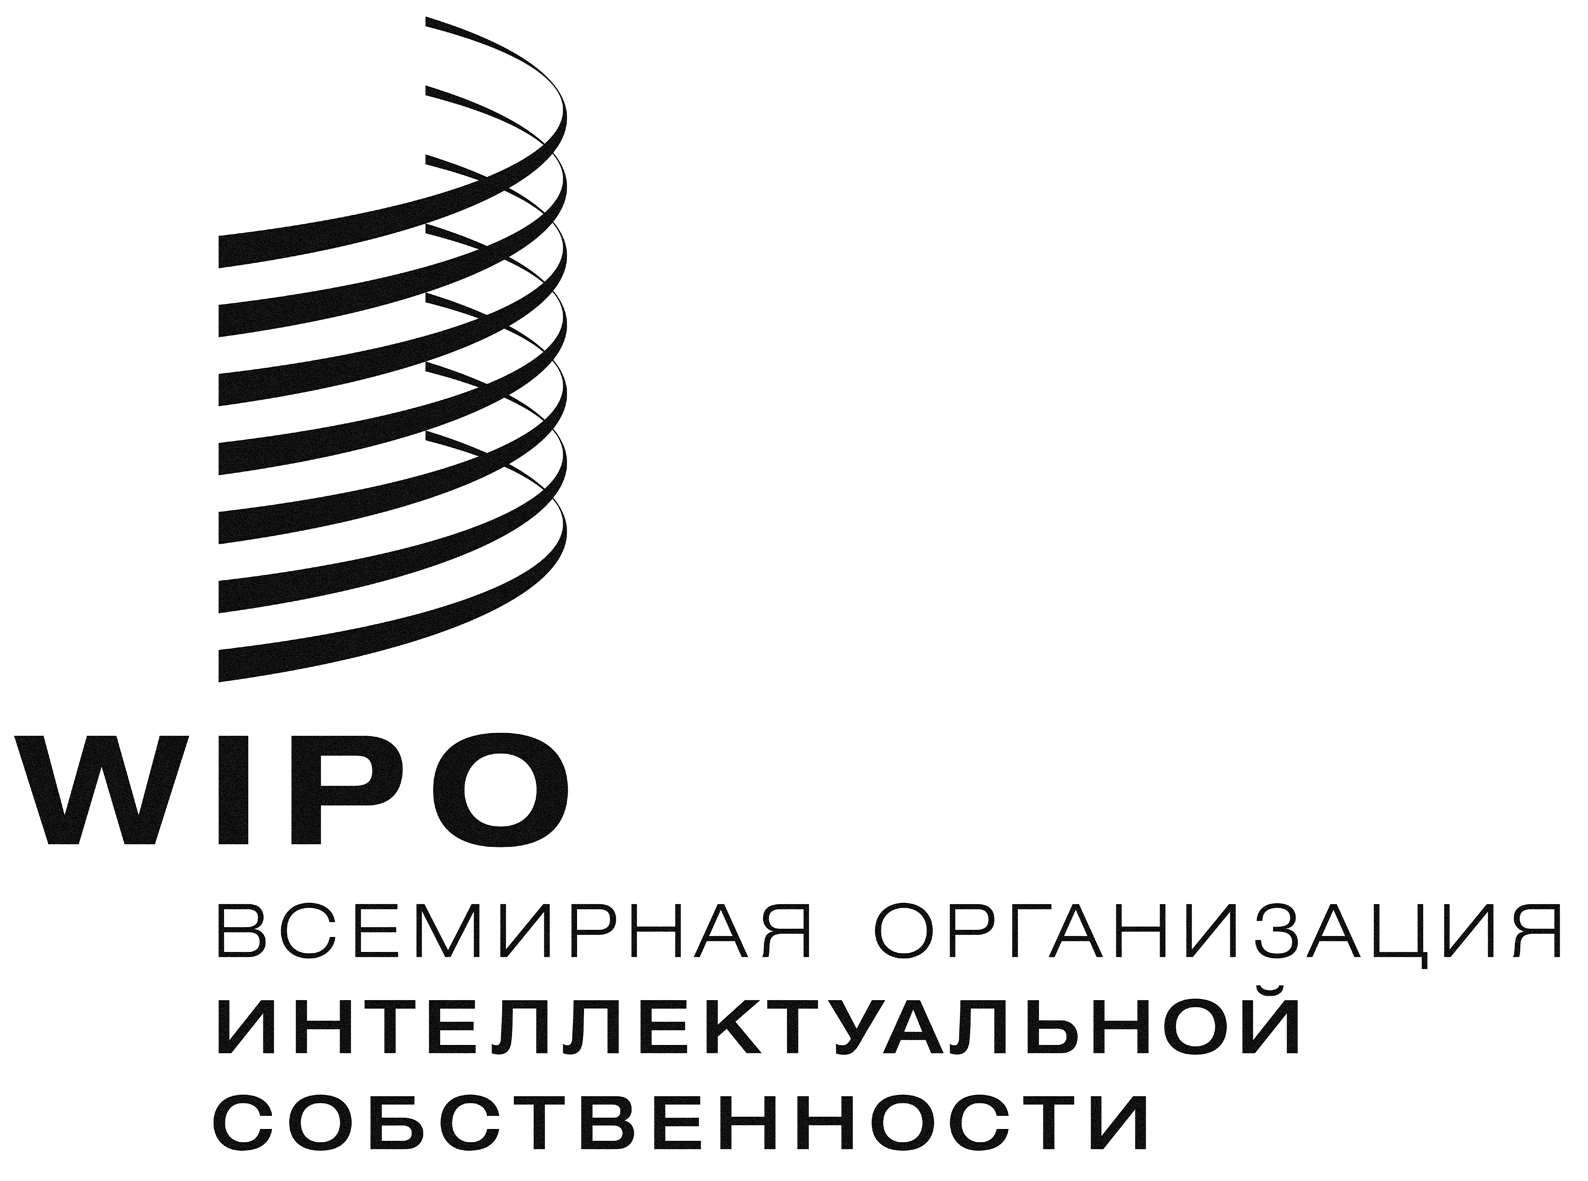 orld intellectual property organization - HD1588×1181